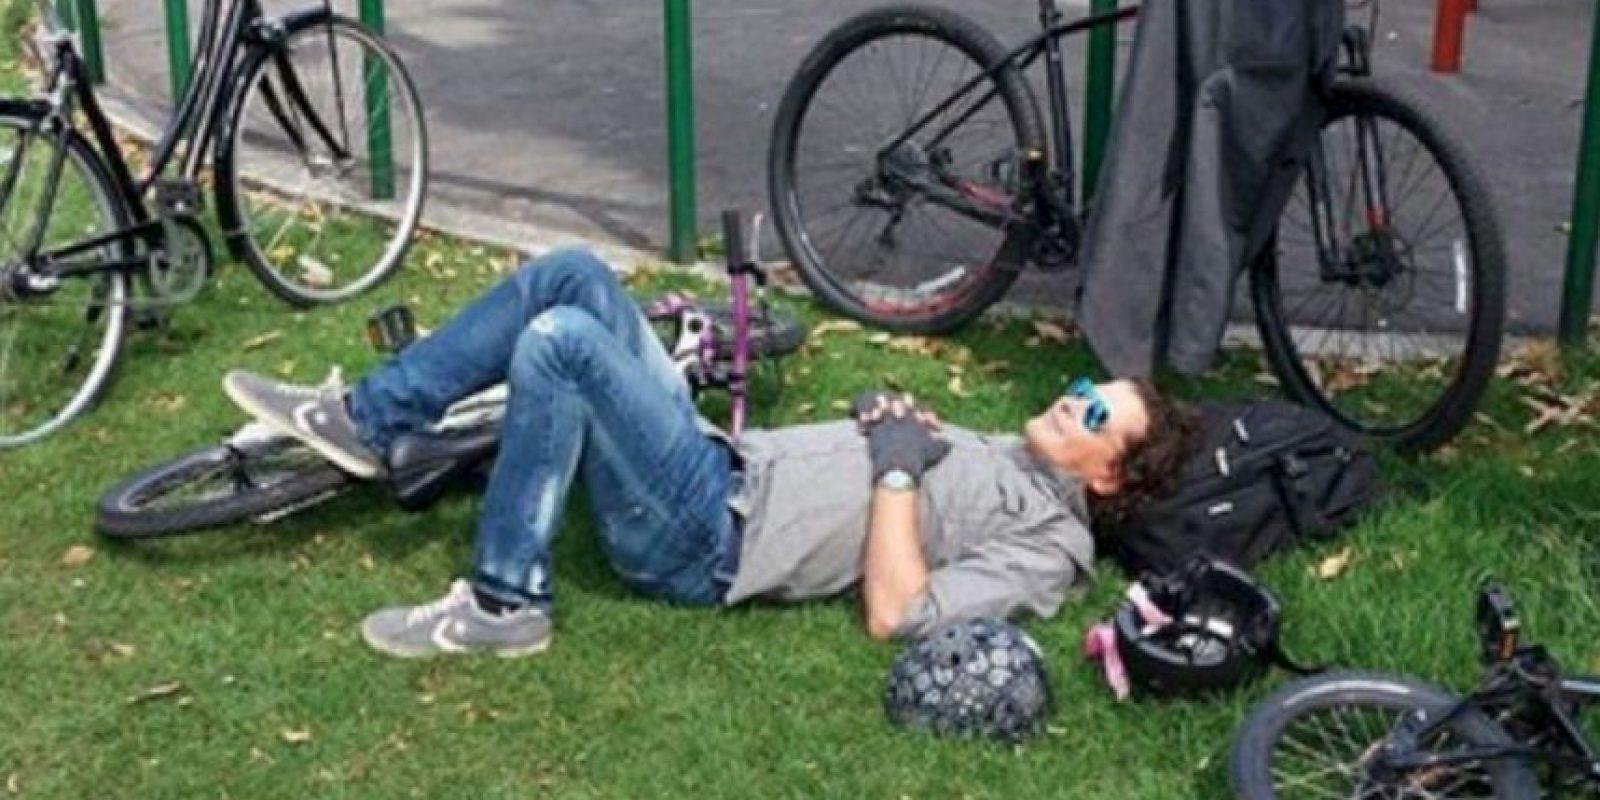 Acá, en medio de bicicletas. Foto:Instagram